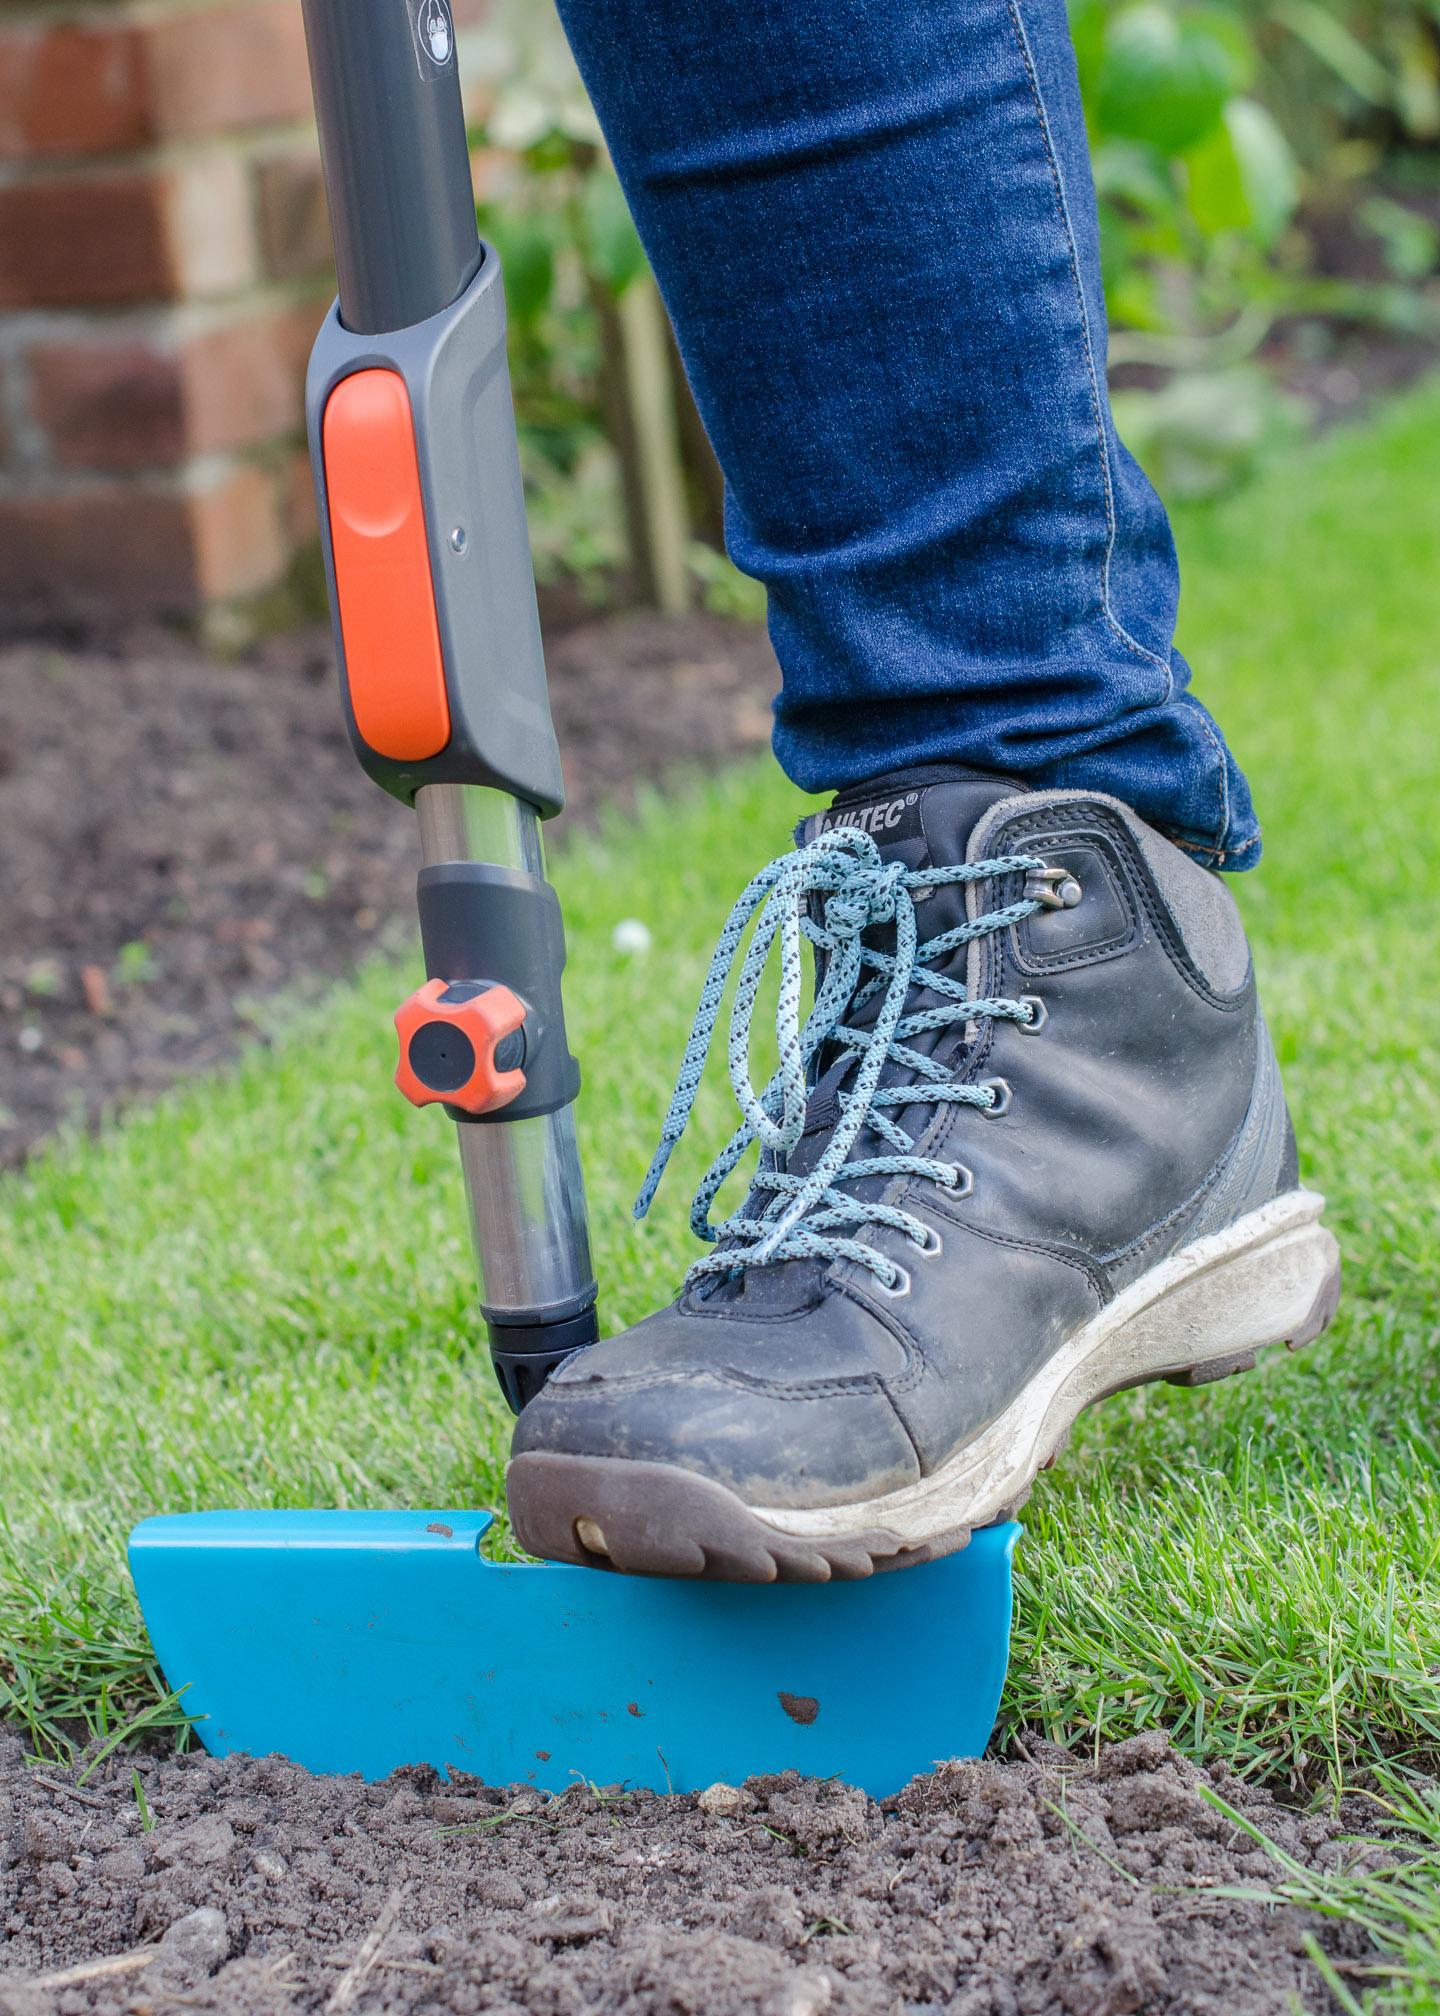 gardena combisystem gardening tools